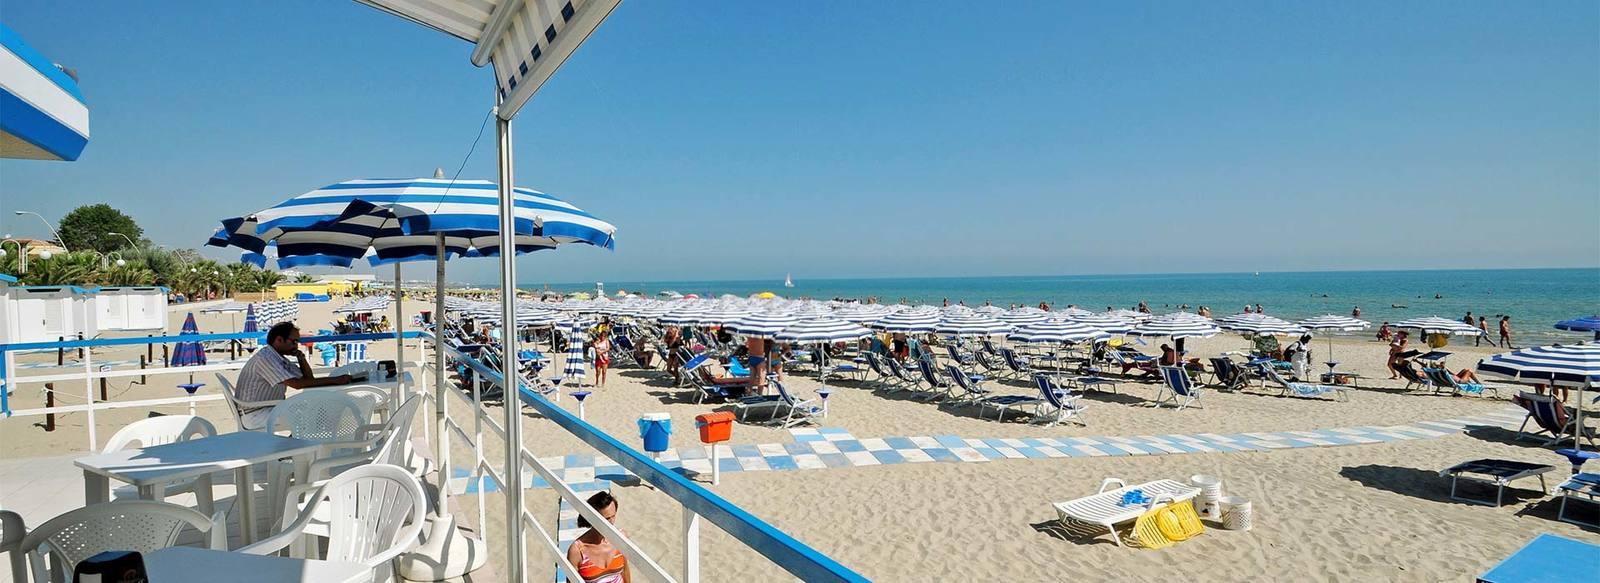 Qualità fronte mare, spiaggia inclusa